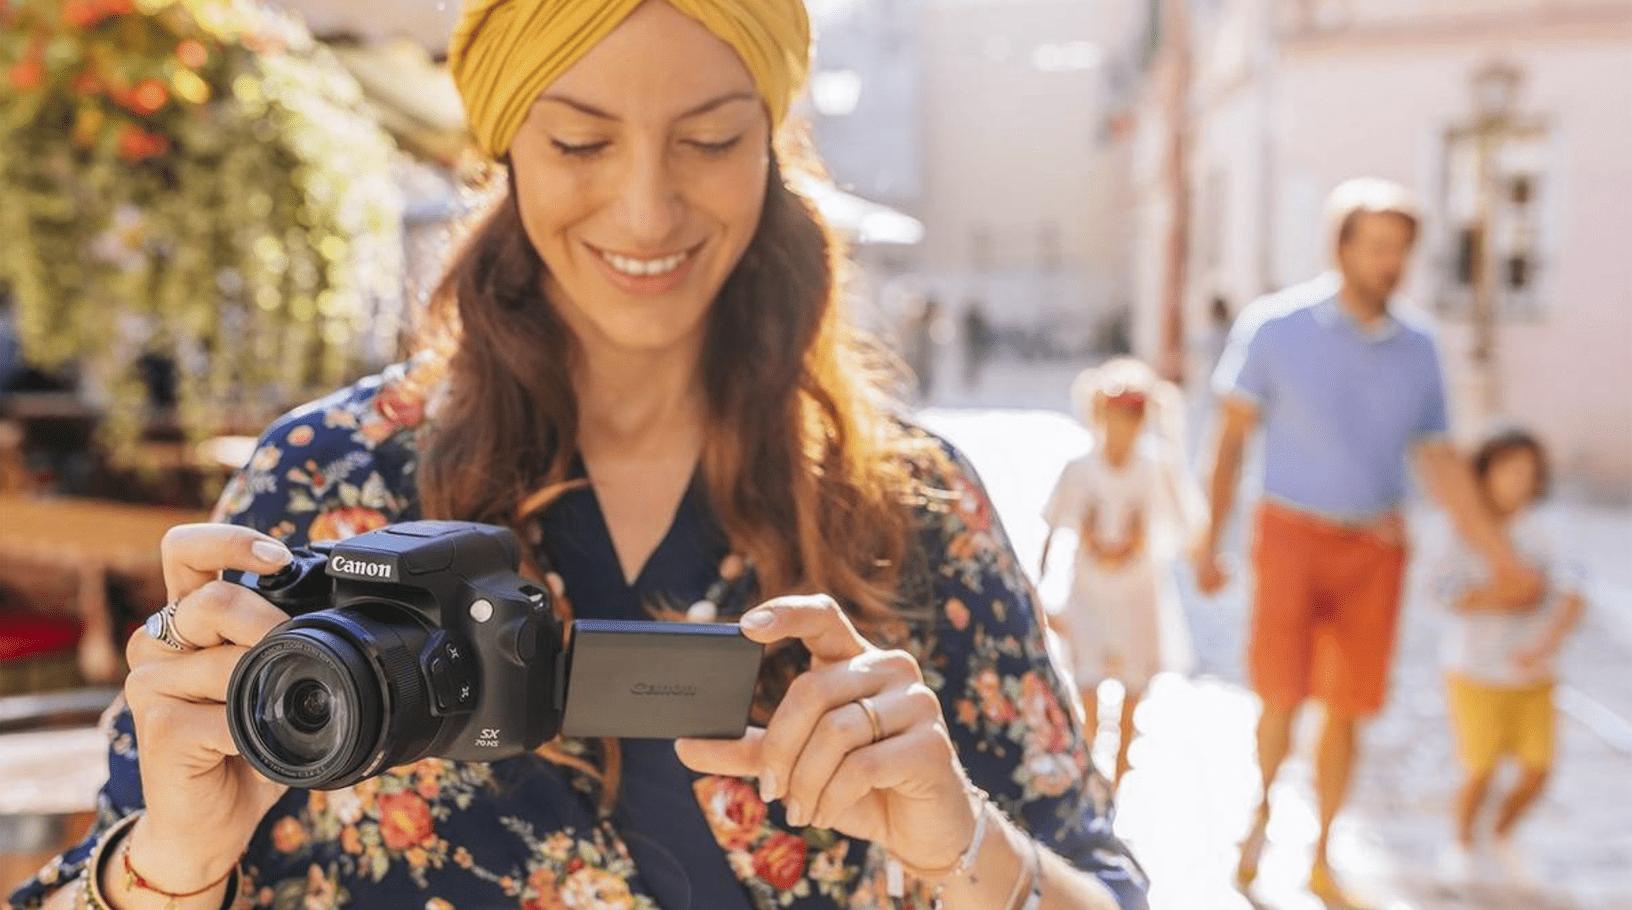 Mujer fotografiando con la cámara Canon PowerShot SX70 HS